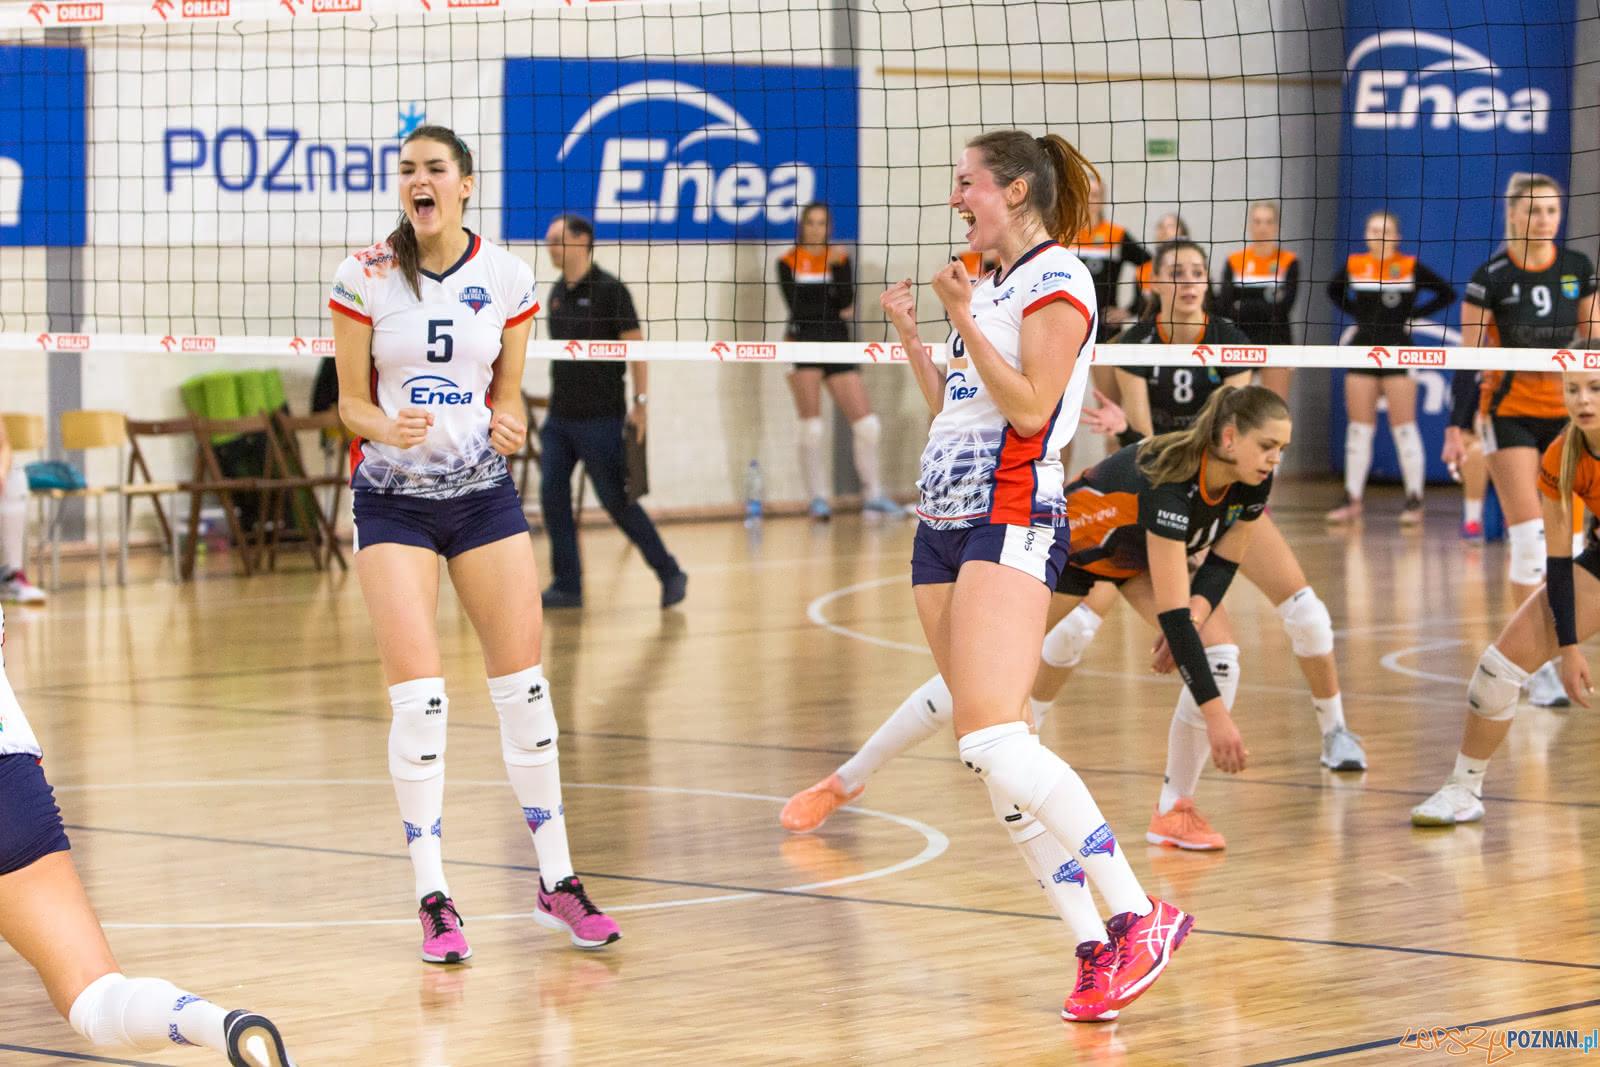 Enea Energetyk Poznań - Uni Opole  Foto: lepszyPOZNAN.pl/Piotr Rychter